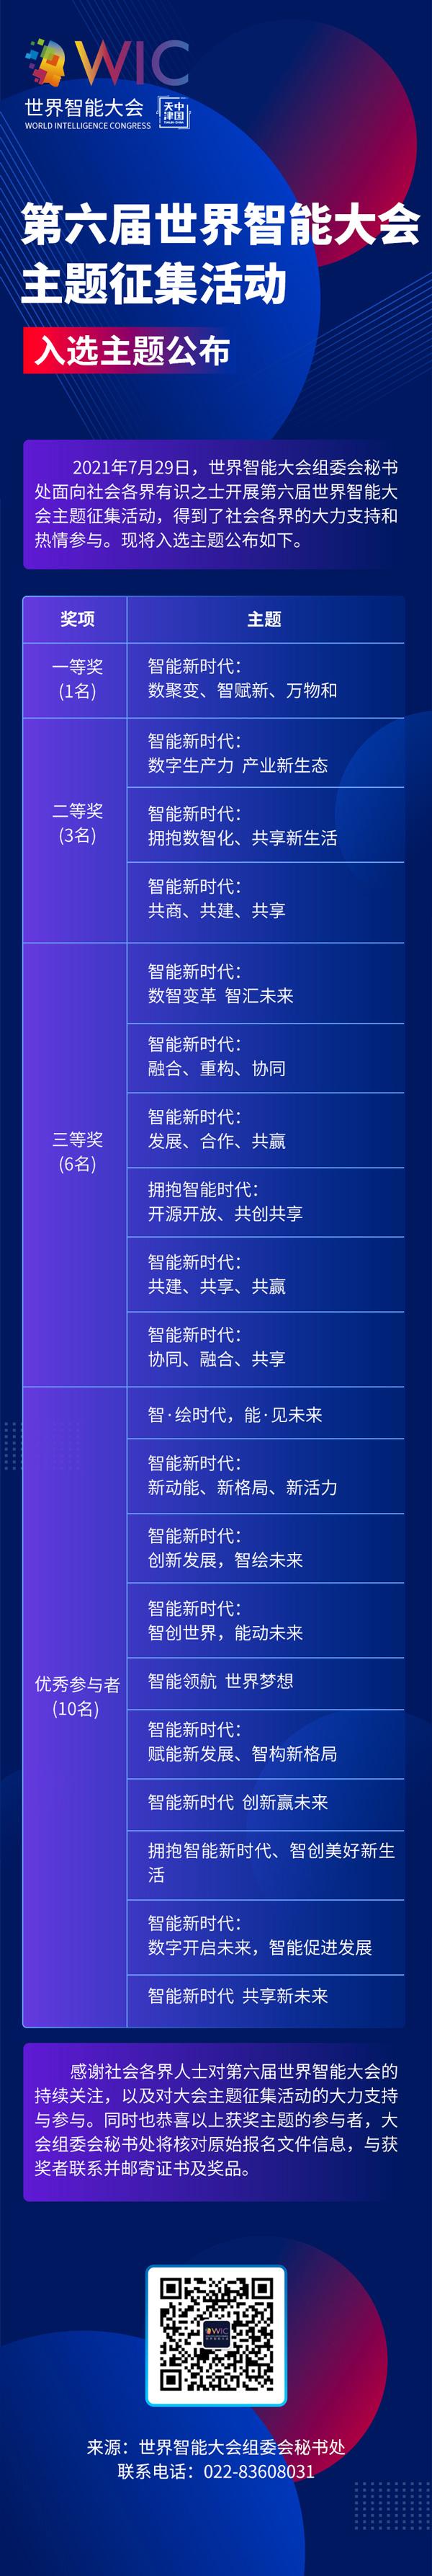 【津彩鲜知】第六届世界智能大会主题征集活动入选主题公布